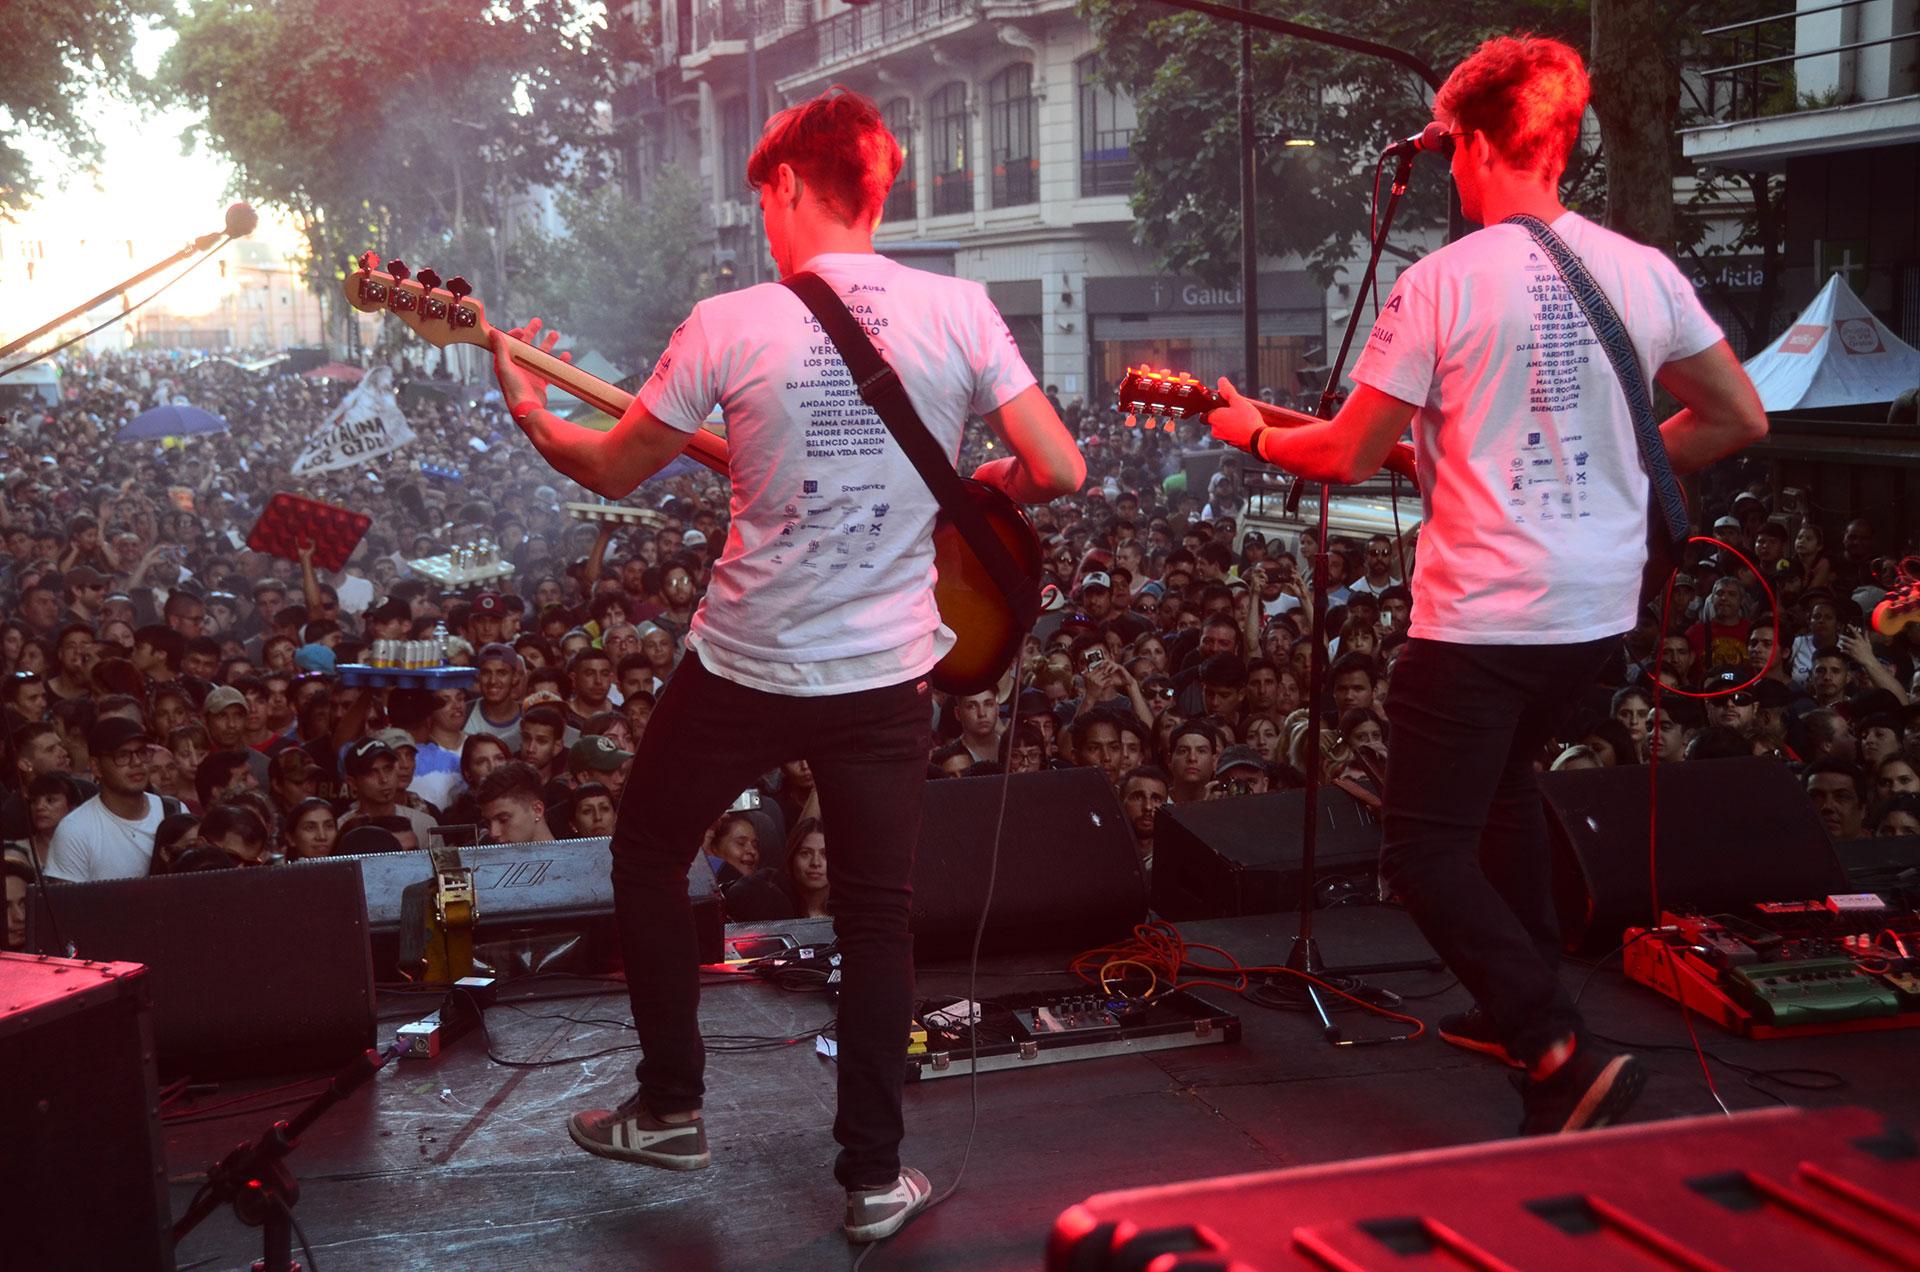 Con la presencia de más de 4 mil personas, fue un evento cargado de alegría y emoción ya que es la última vez que se realizará en Buenos Aires